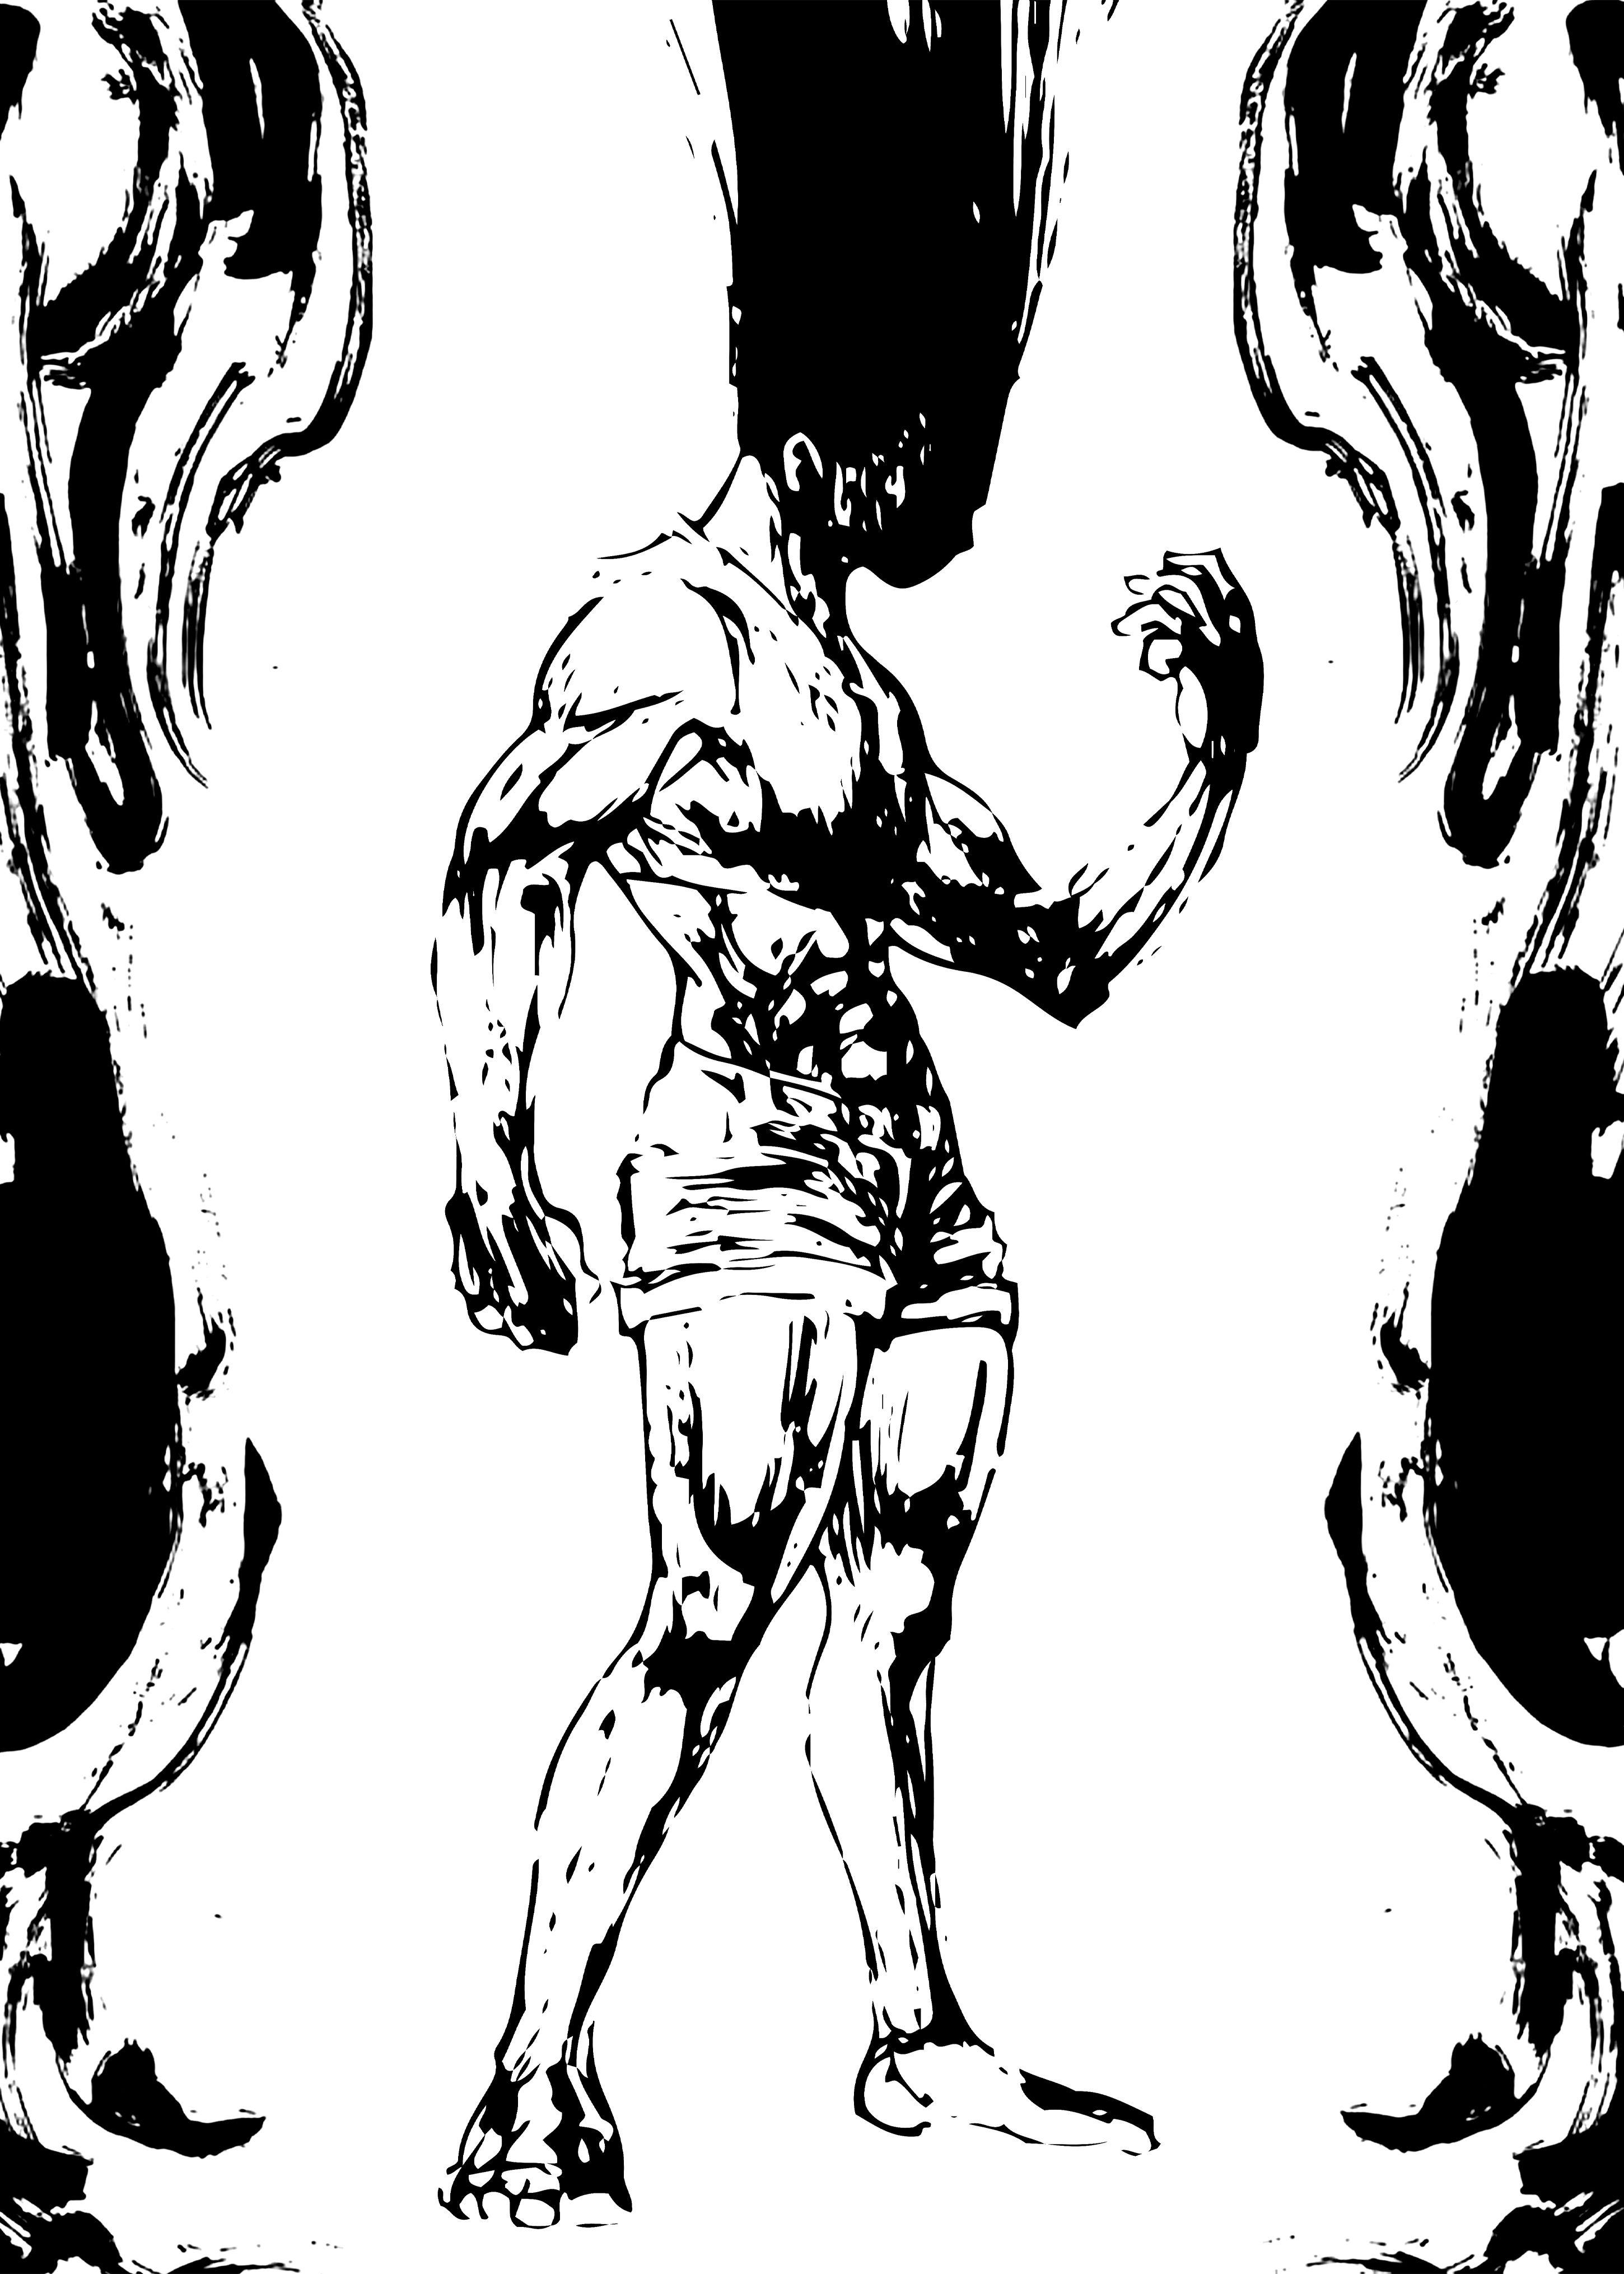 Jäger X Jäger Hisoka Gon Killua Zoldyck HXH Anime Manga Pullover Unisex Hoodie E